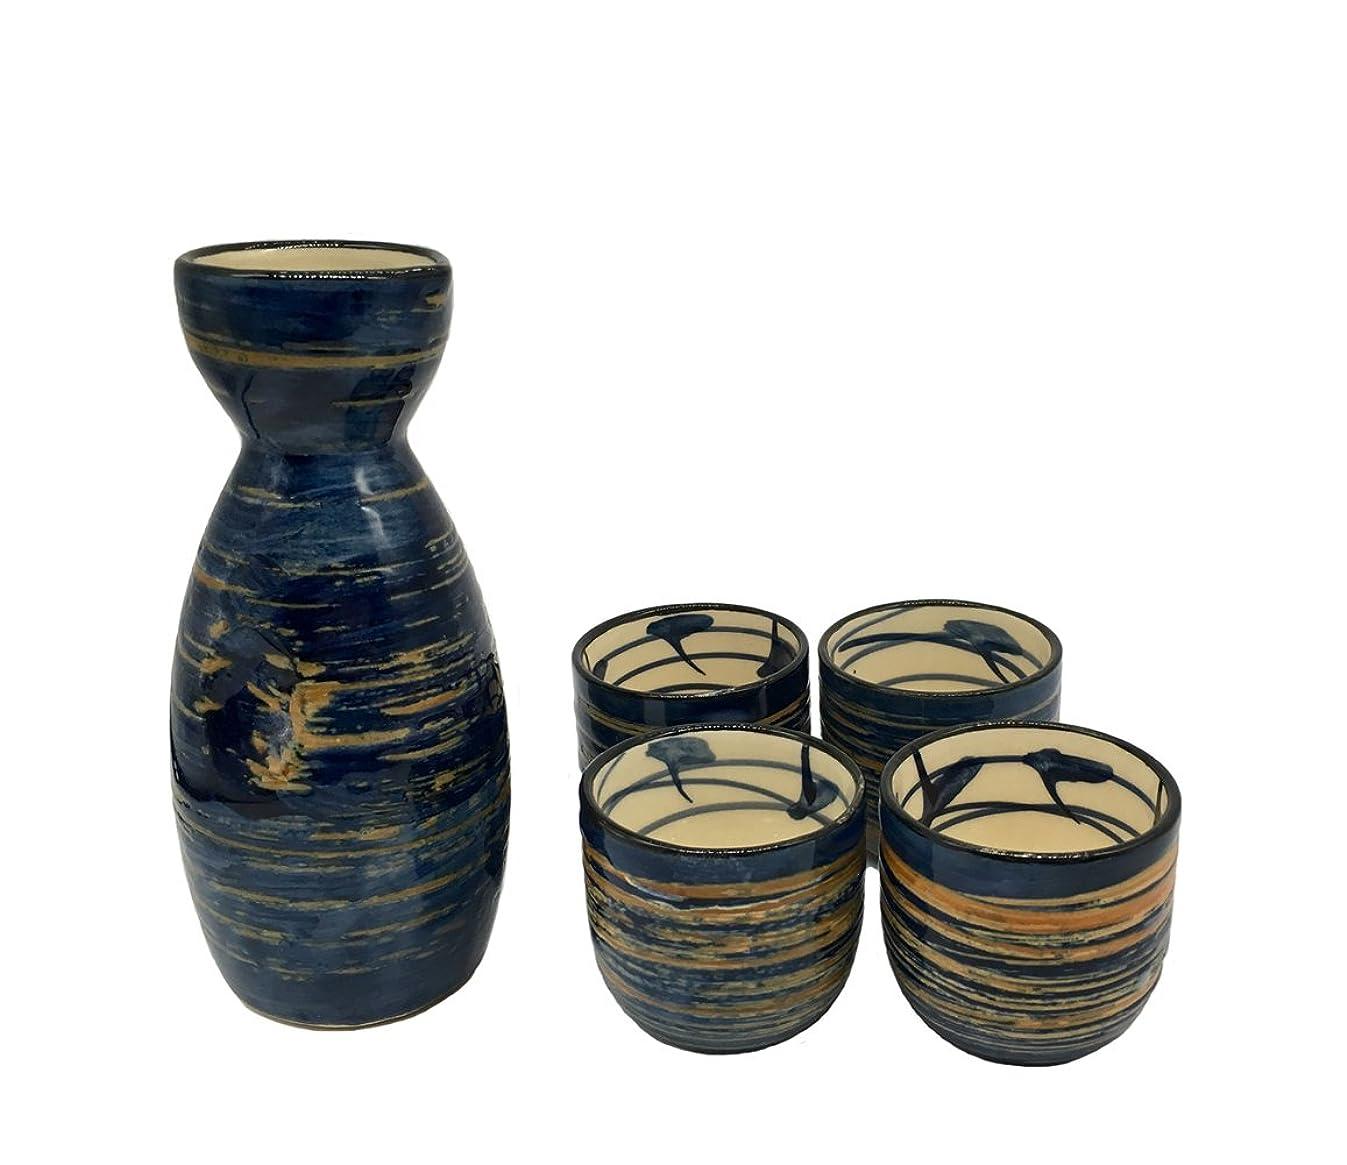 KCHAIN 5 in 1 Ceramic Sake Set Hand Painted Color (Blue)